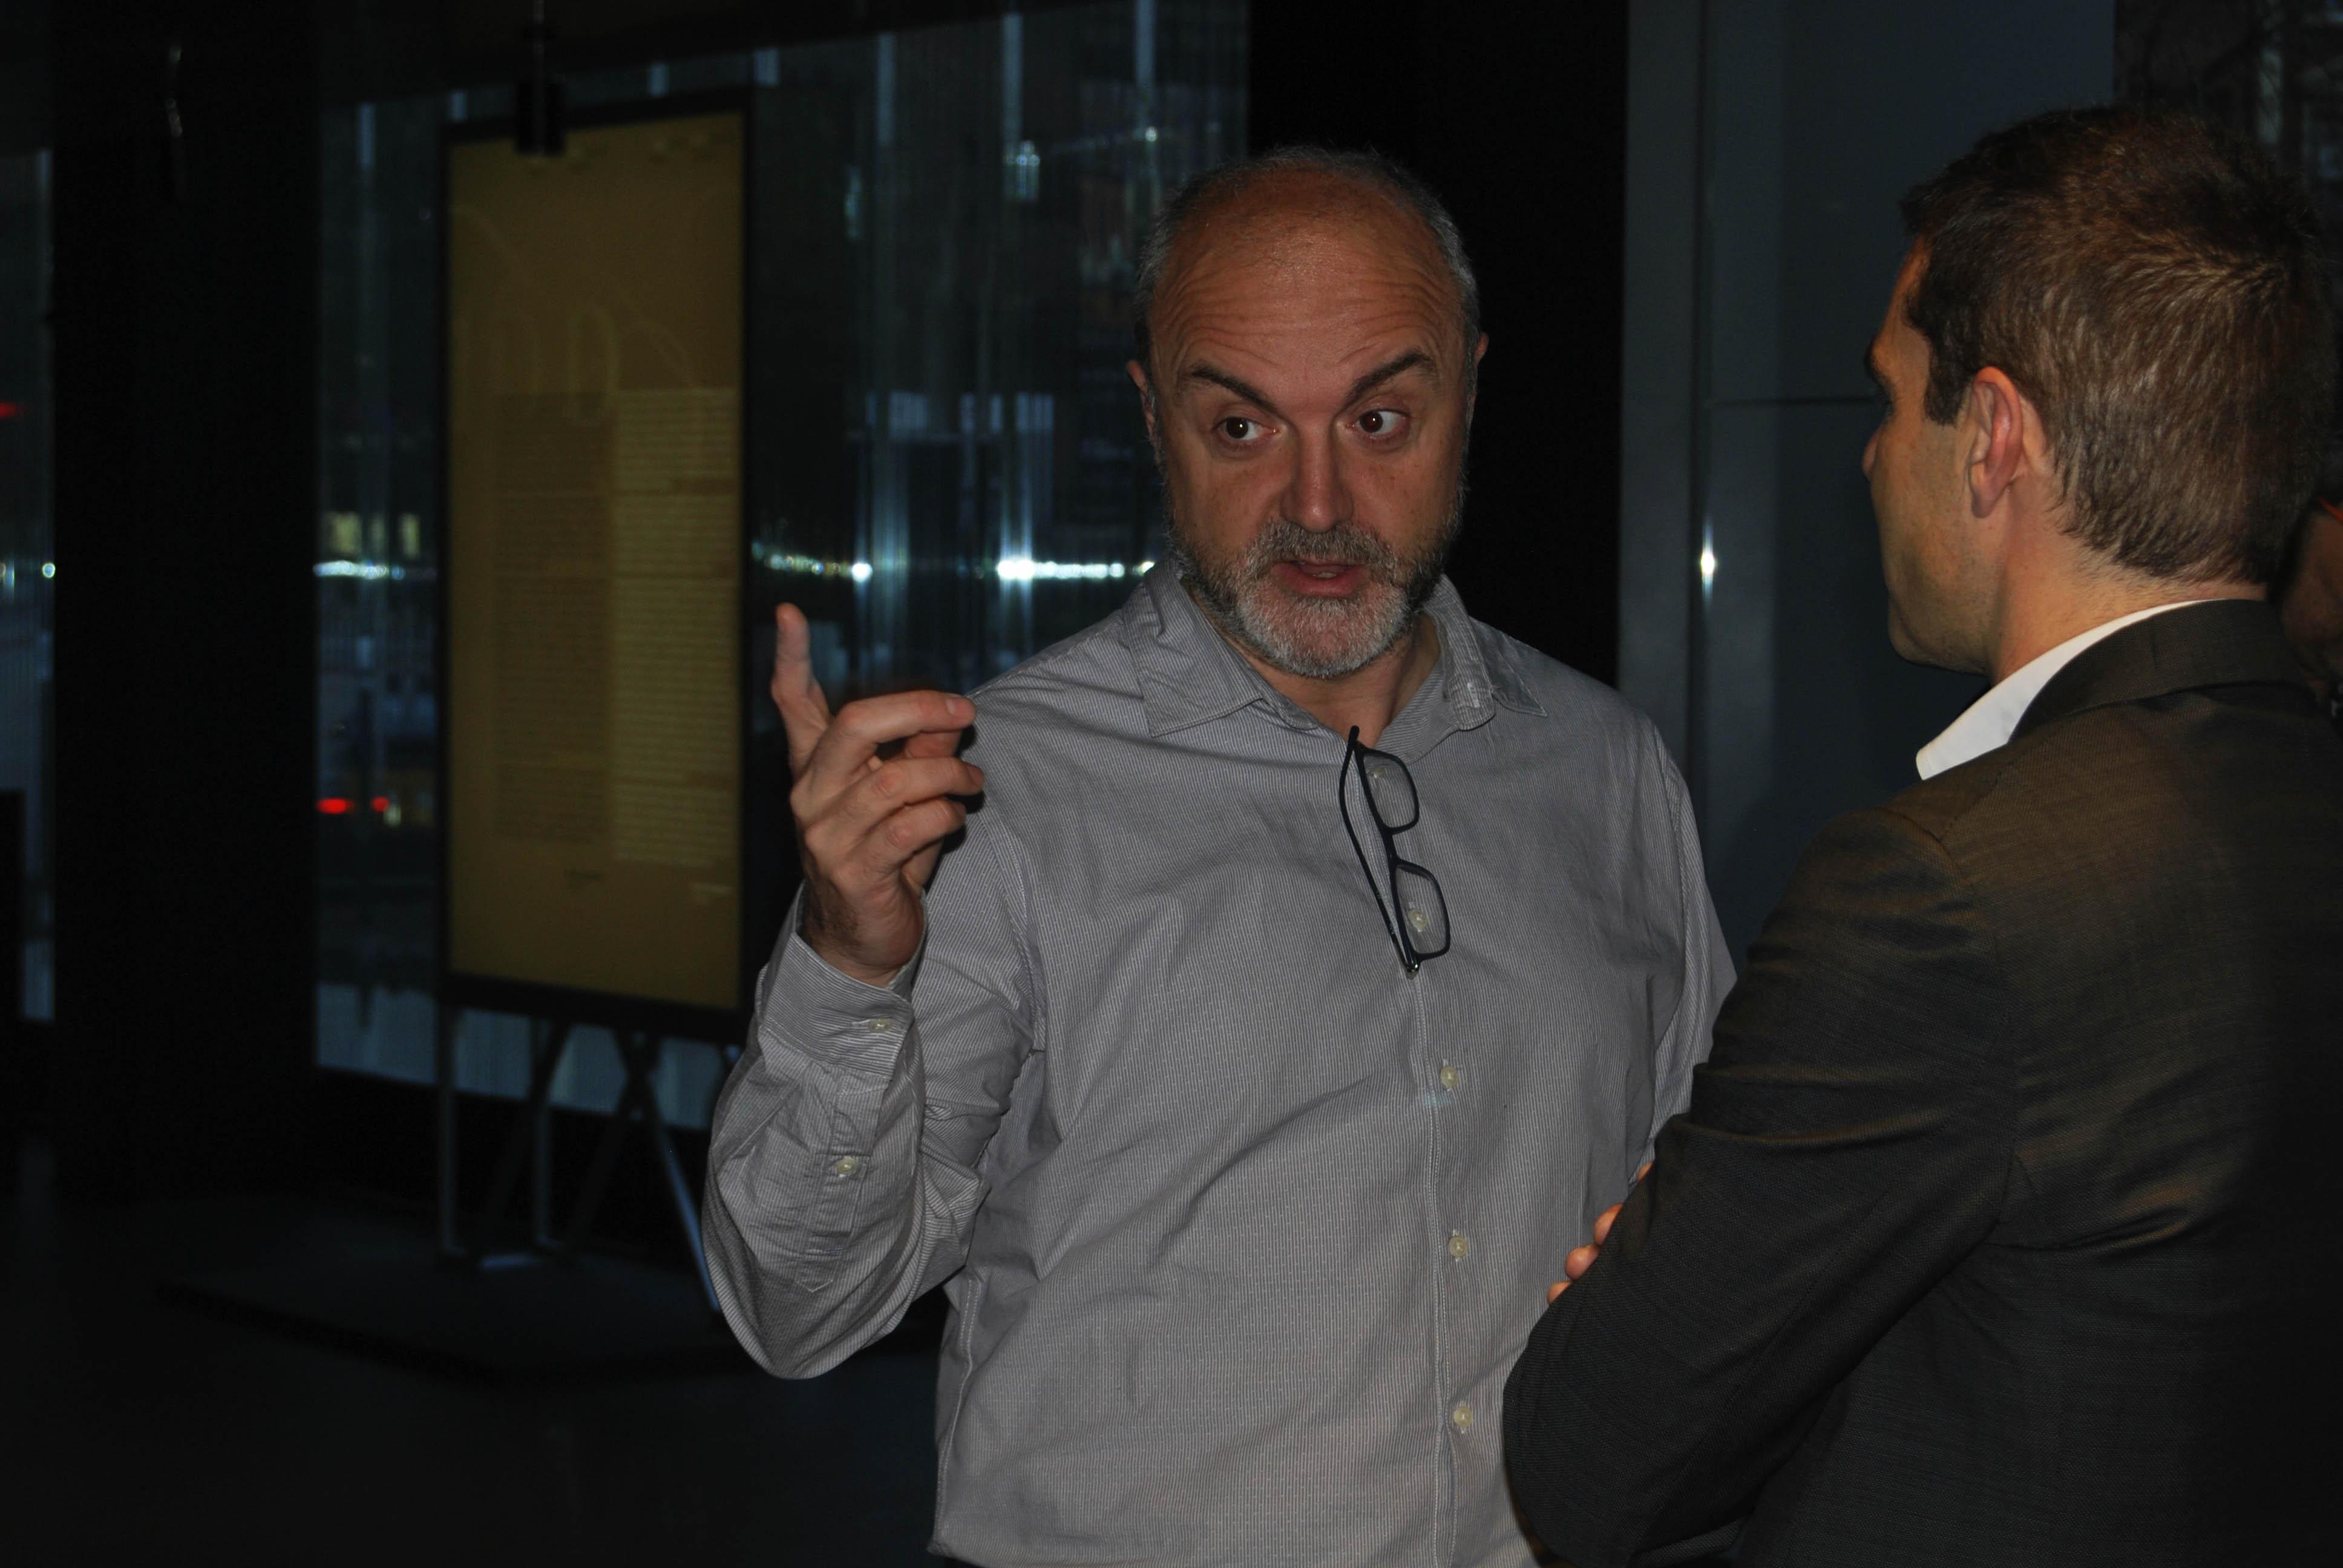 Oriol Estela, Coordinador General del PEMB